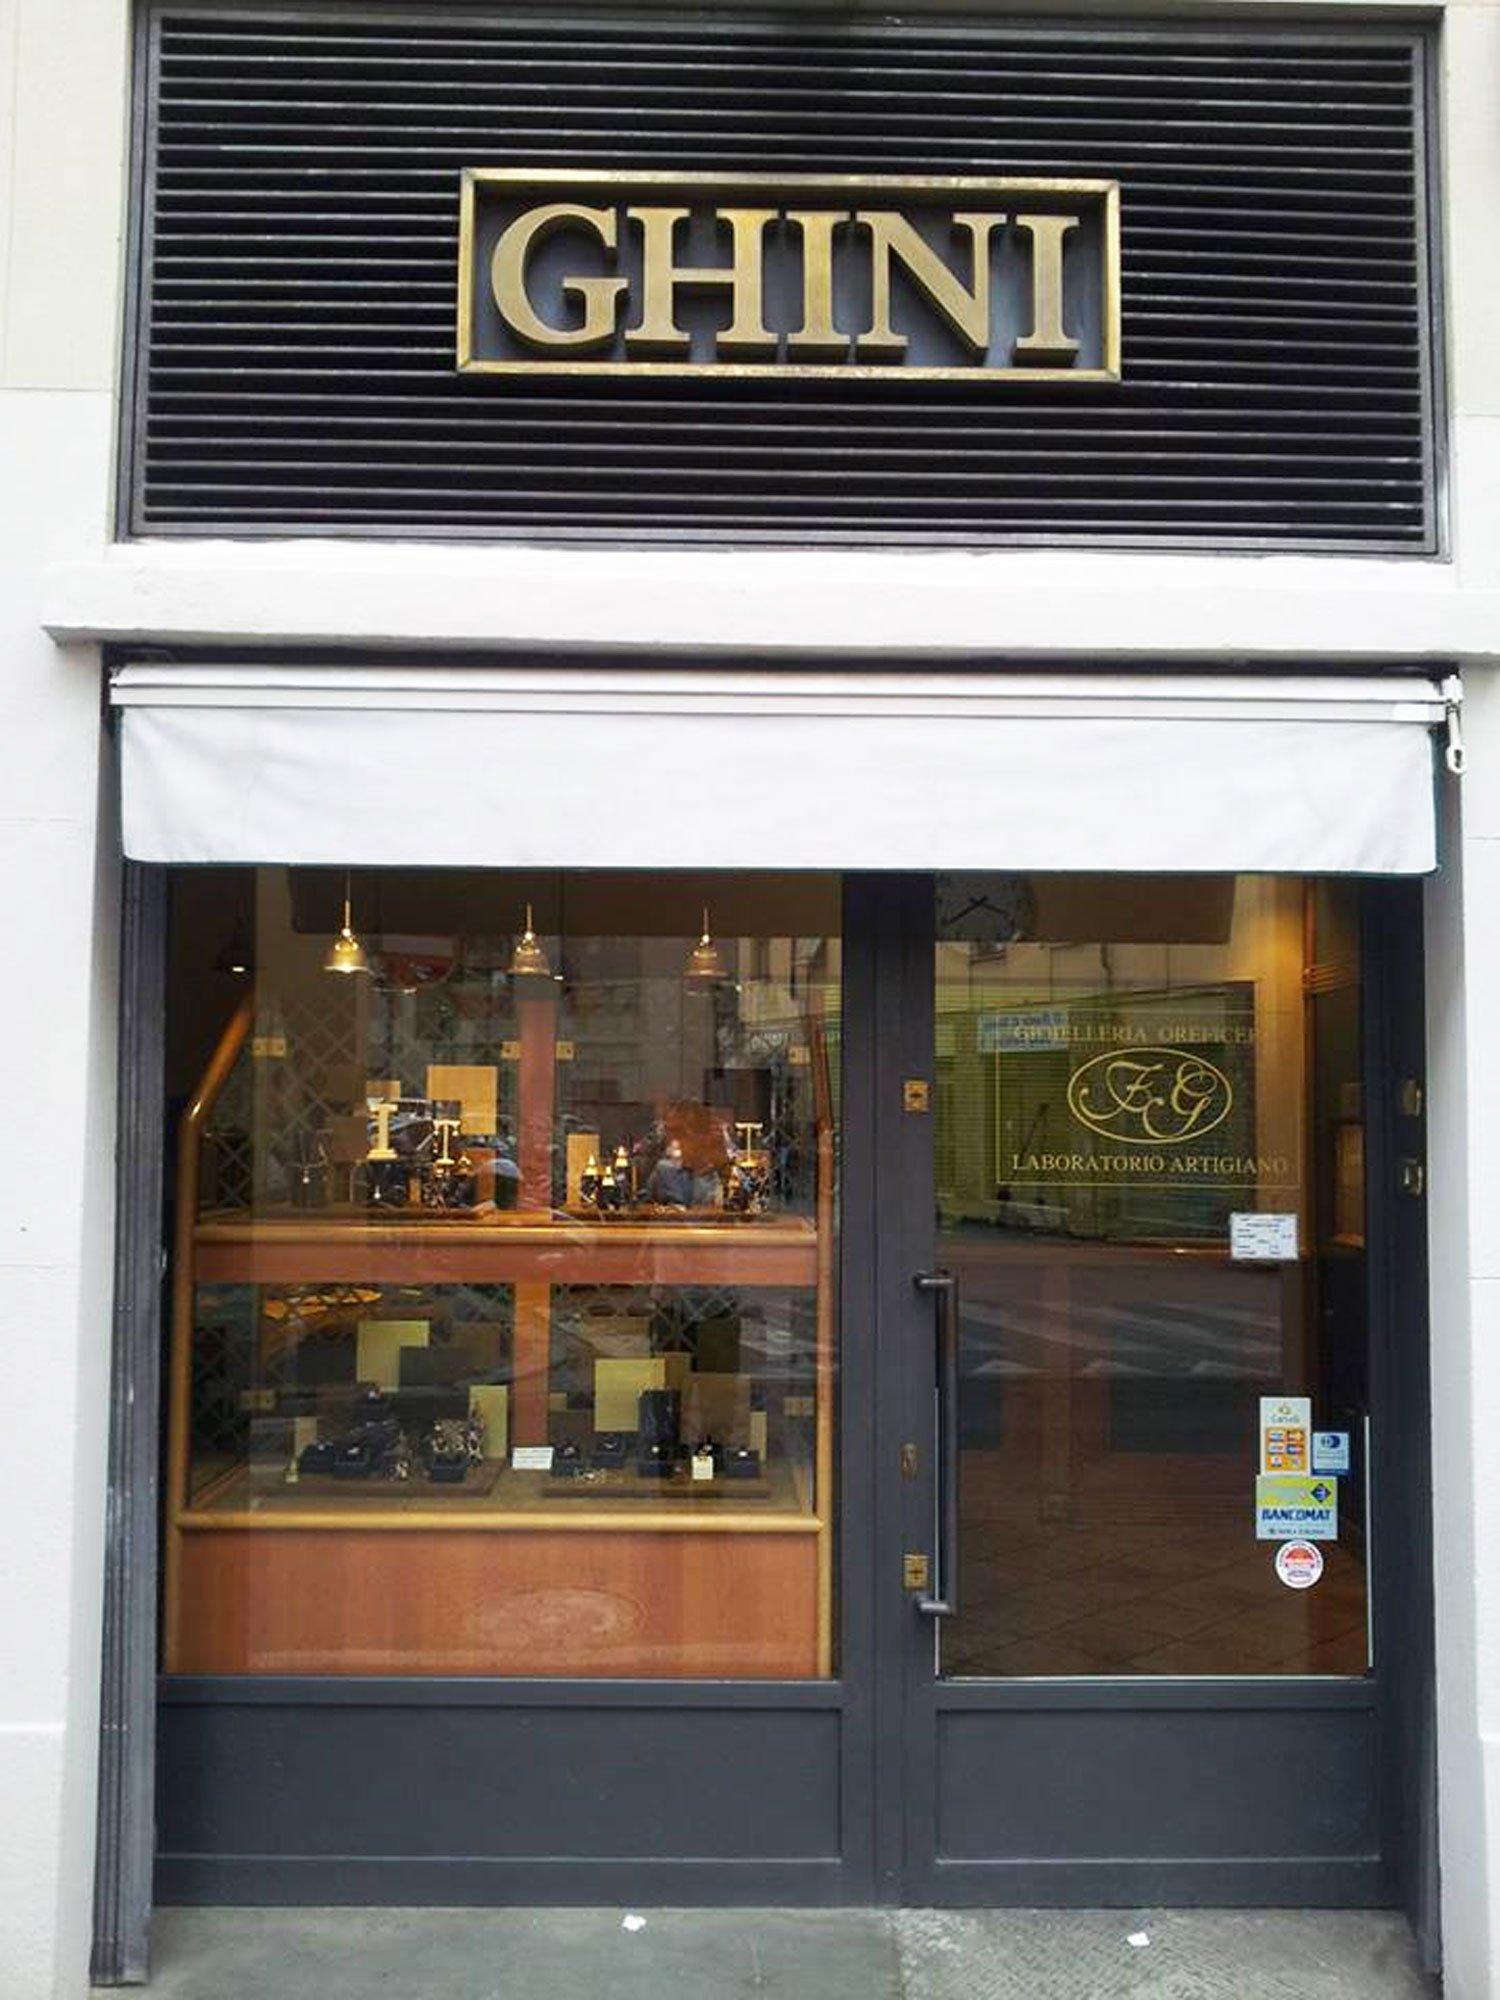 Vista esterna della gioielleria Ghini a Firenze